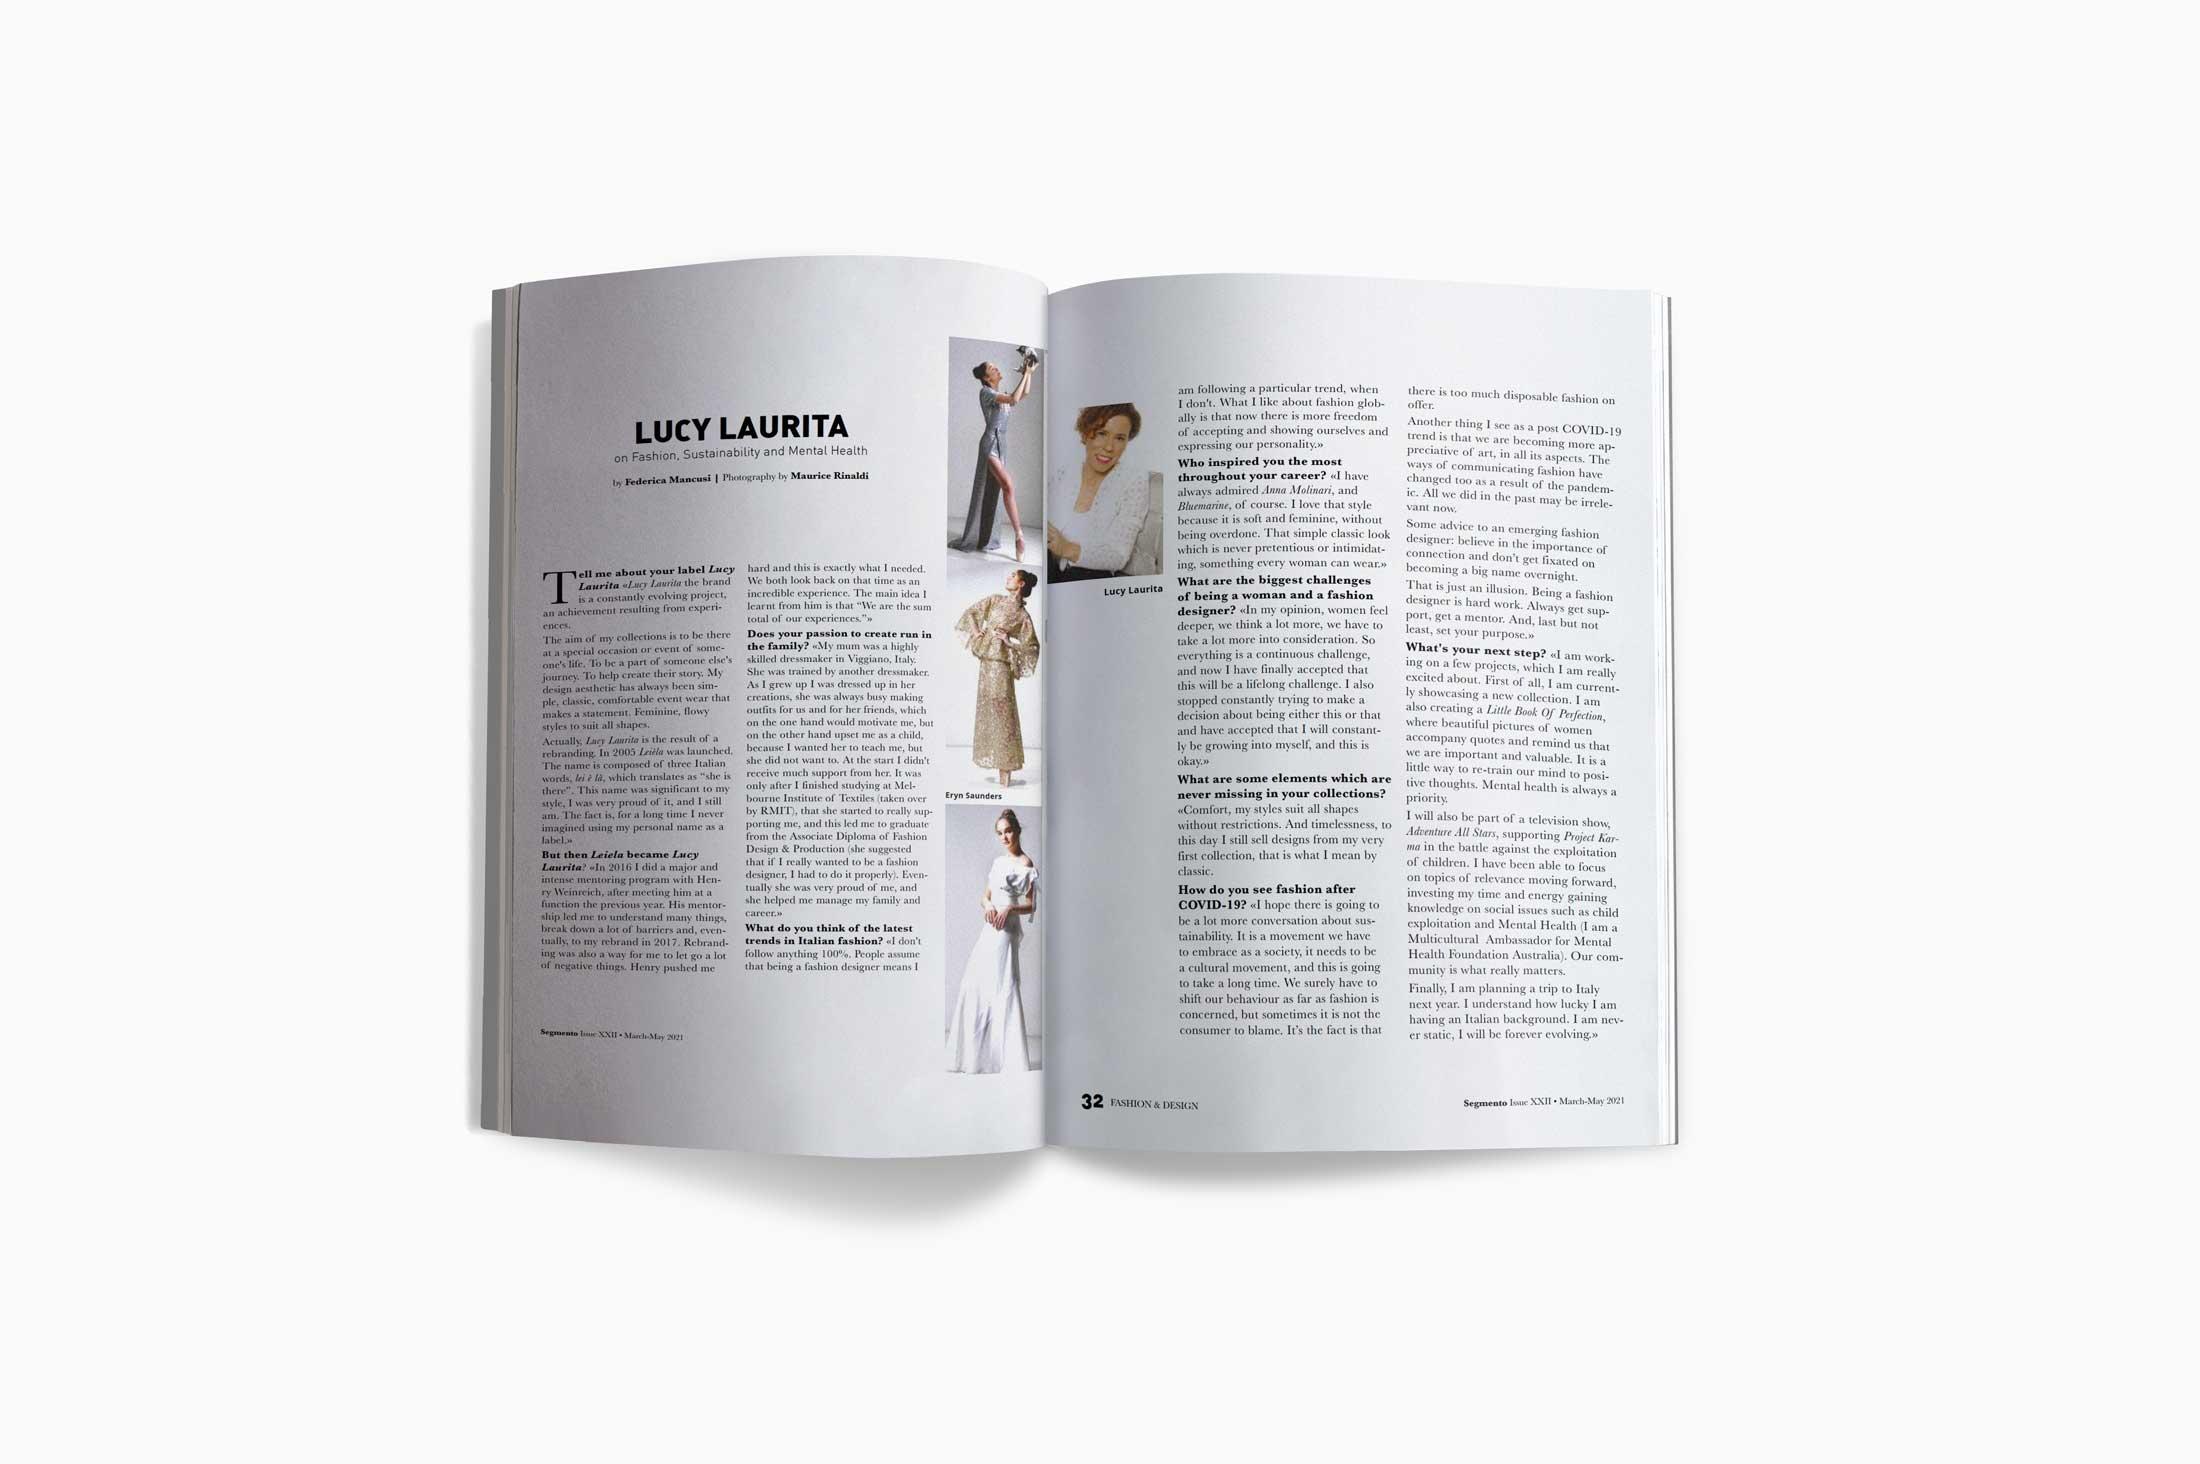 Article on Lucy Laurita in Segmento Magazine